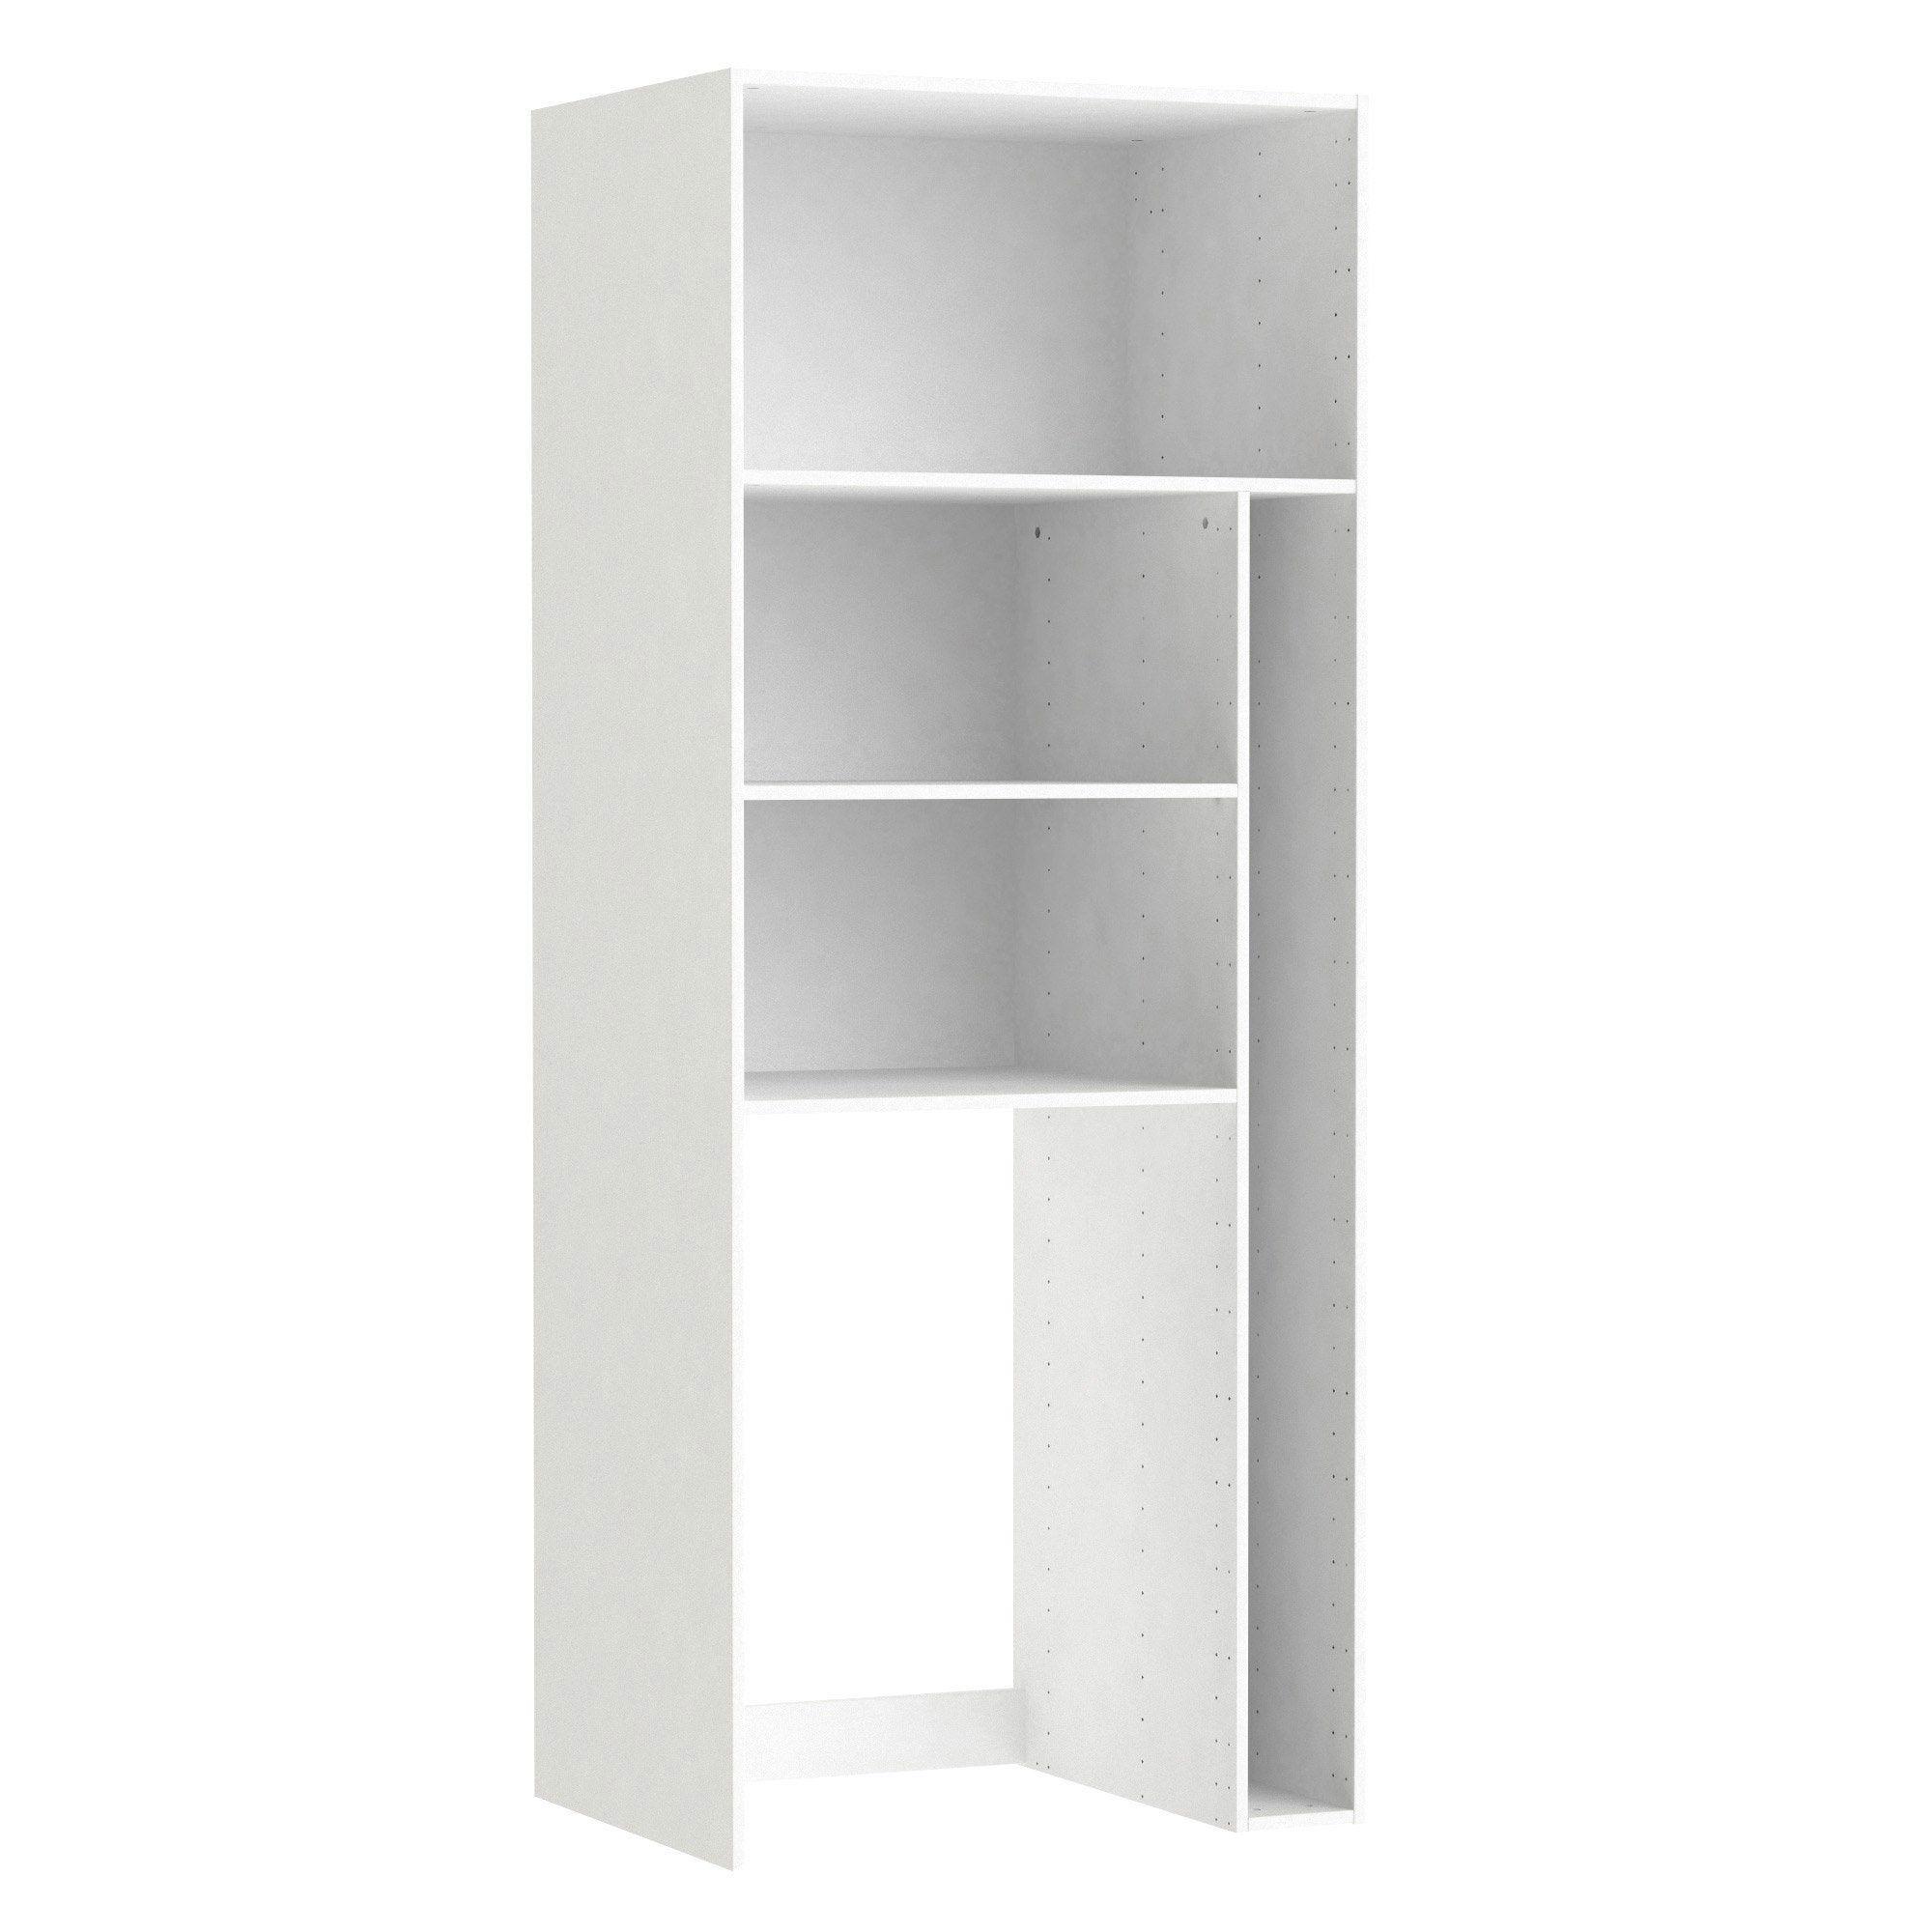 Caisson Spaceo Home Blanc H 200 X L 80 X P 60 Cm Meuble